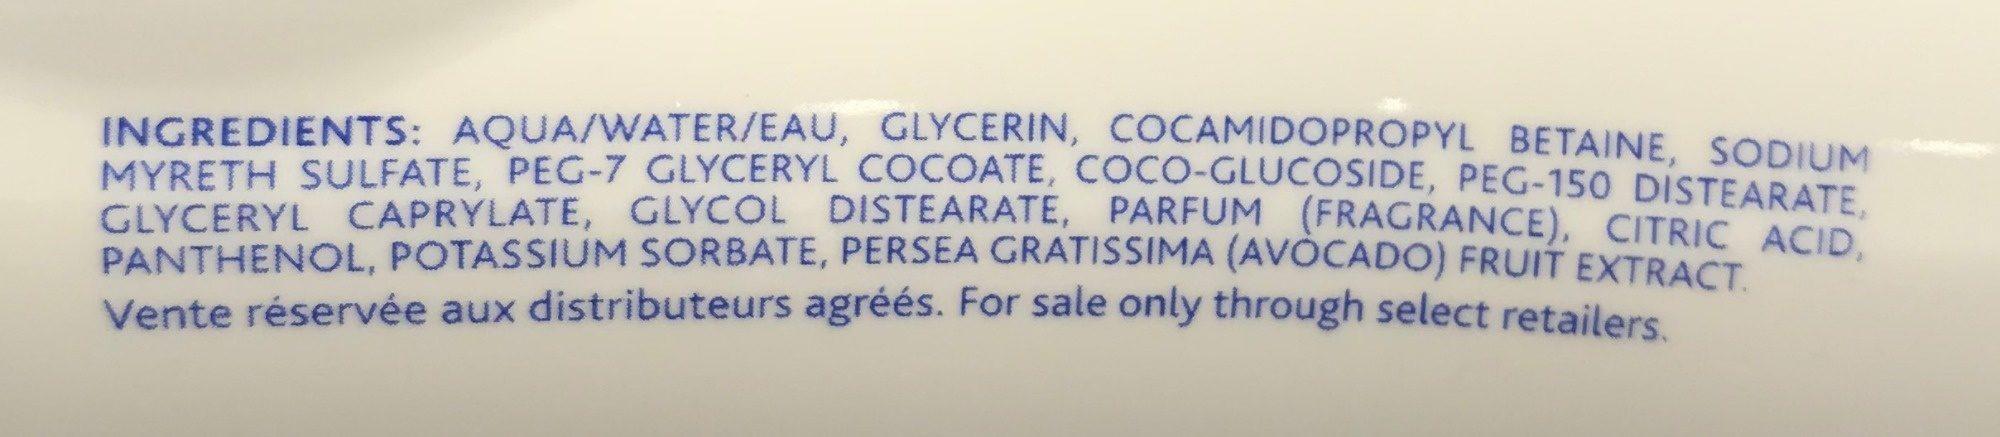 Gel lavant doux - Ingredients - fr